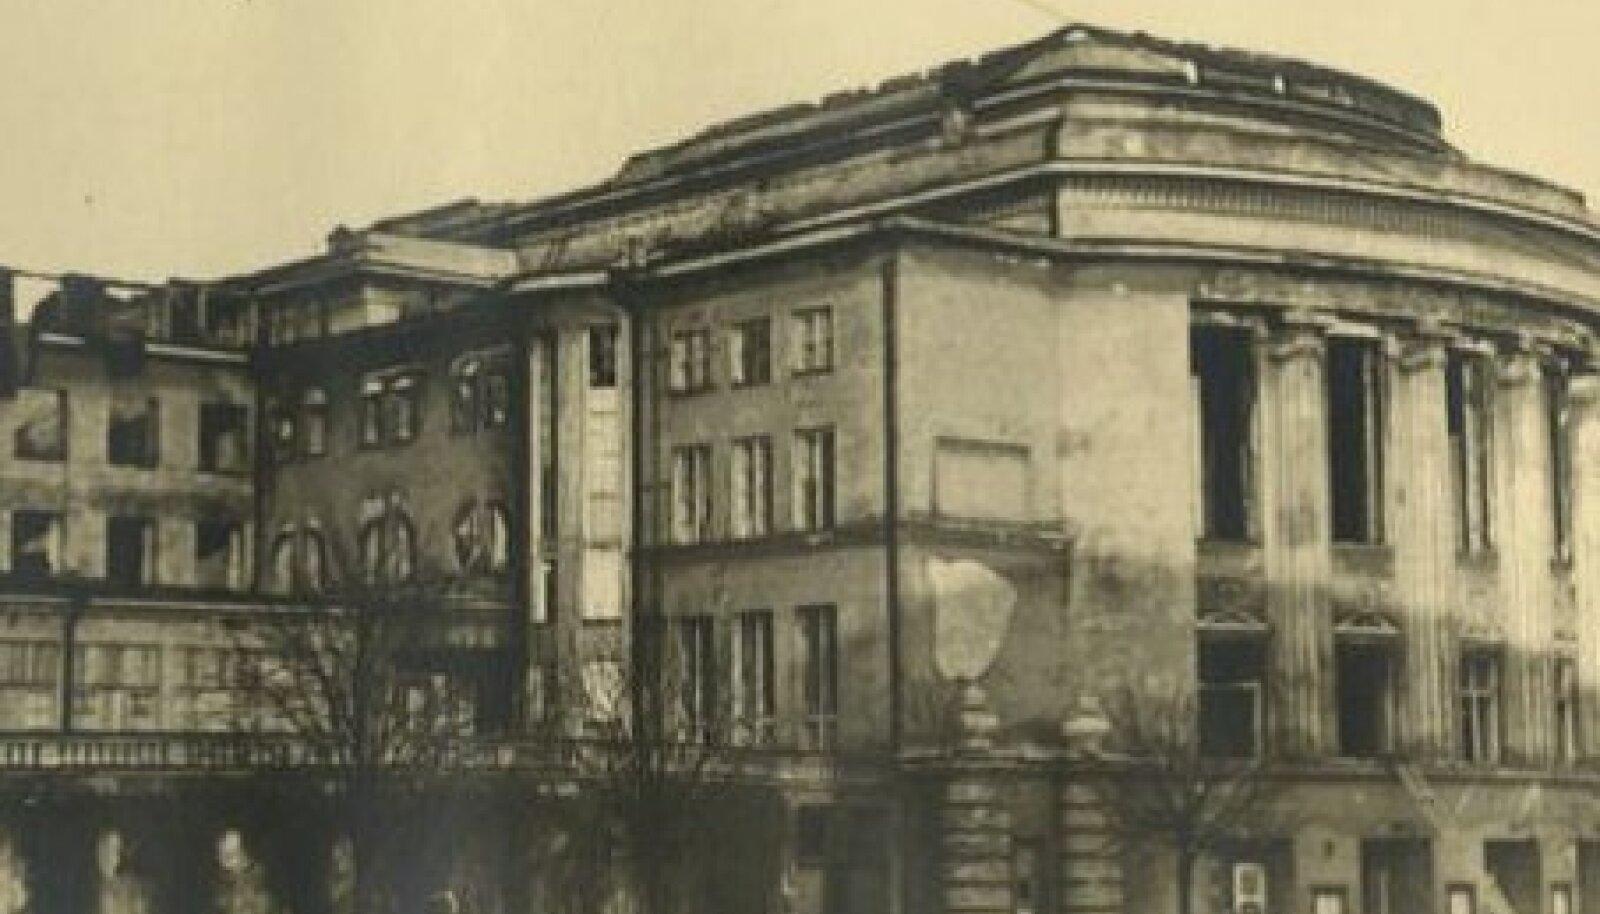 Estonia teater pärast pommitamist